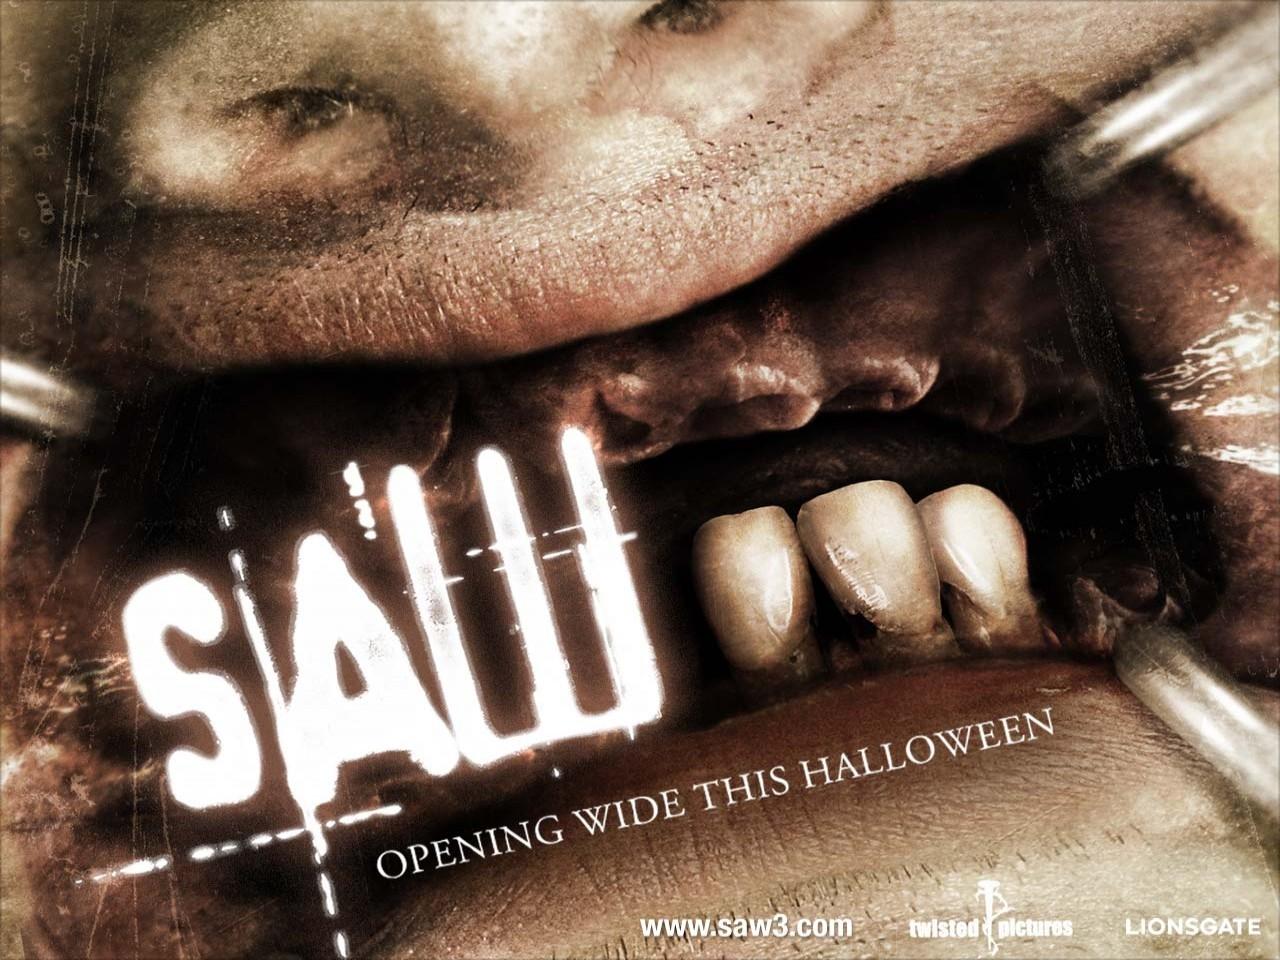 Wallpaper del film Saw III - L'enigma senza fine